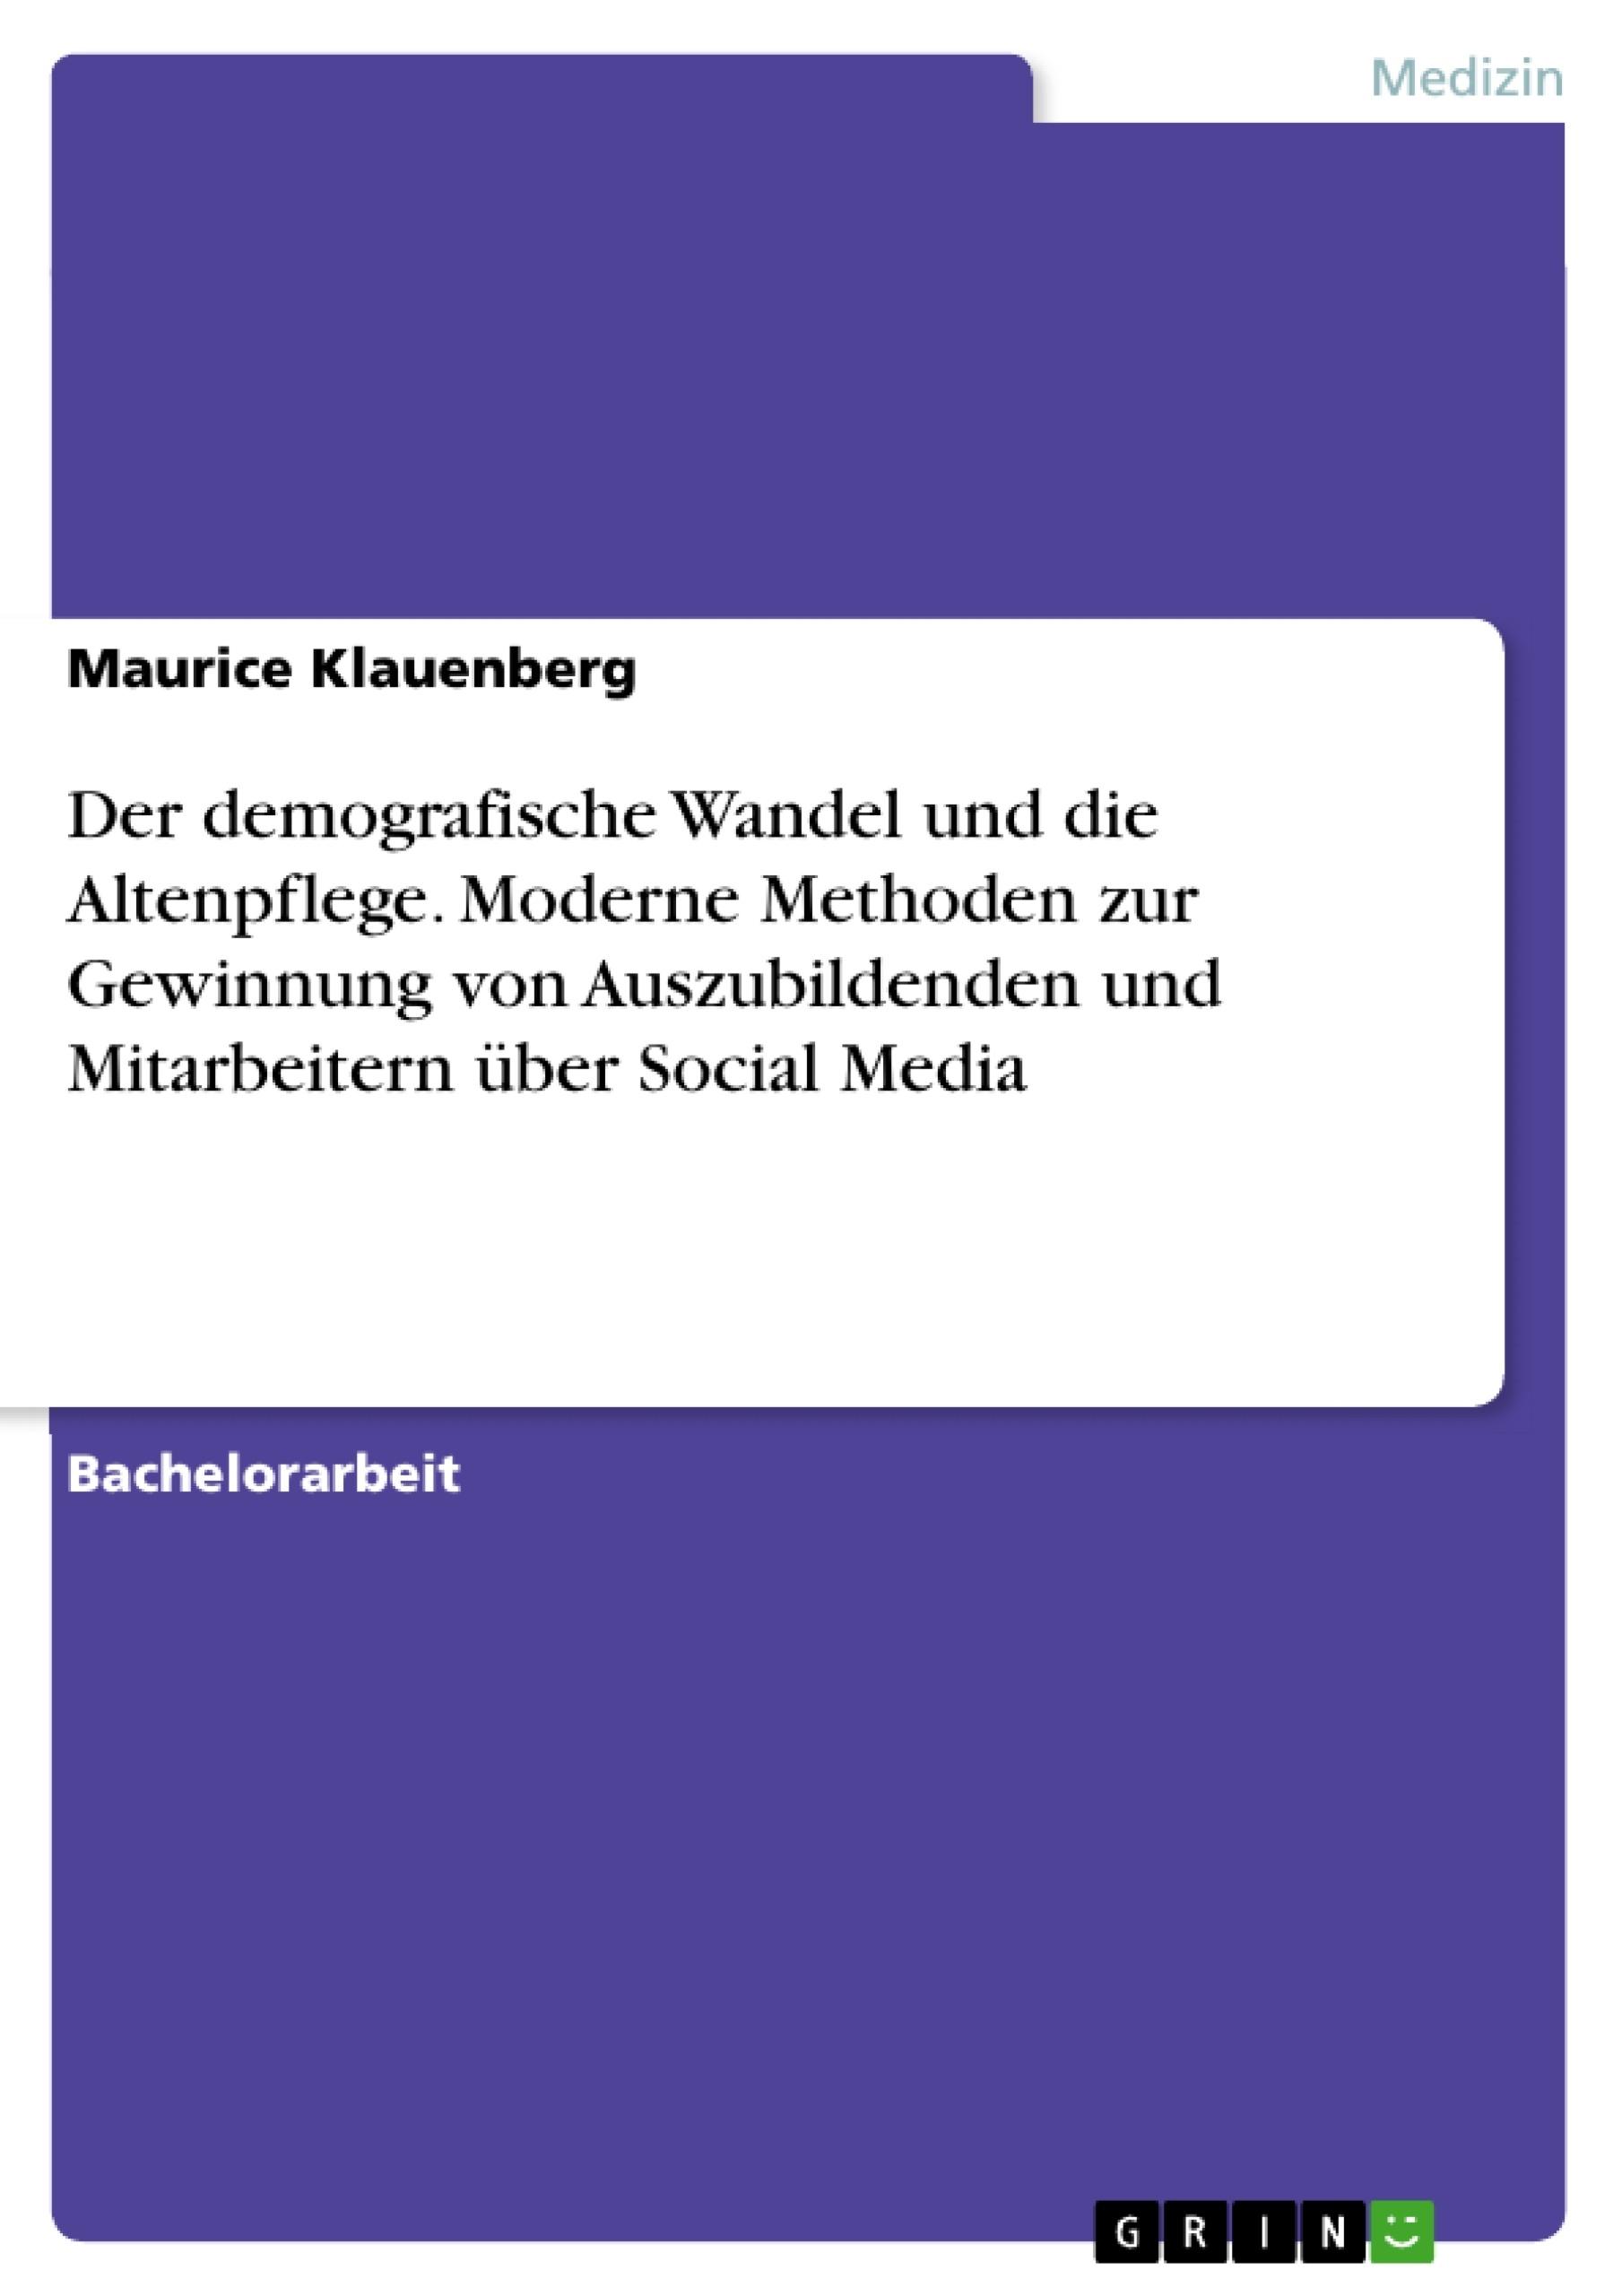 Titel: Der demografische Wandel und die Altenpflege. Moderne Methoden zur Gewinnung von Auszubildenden und Mitarbeitern über Social Media